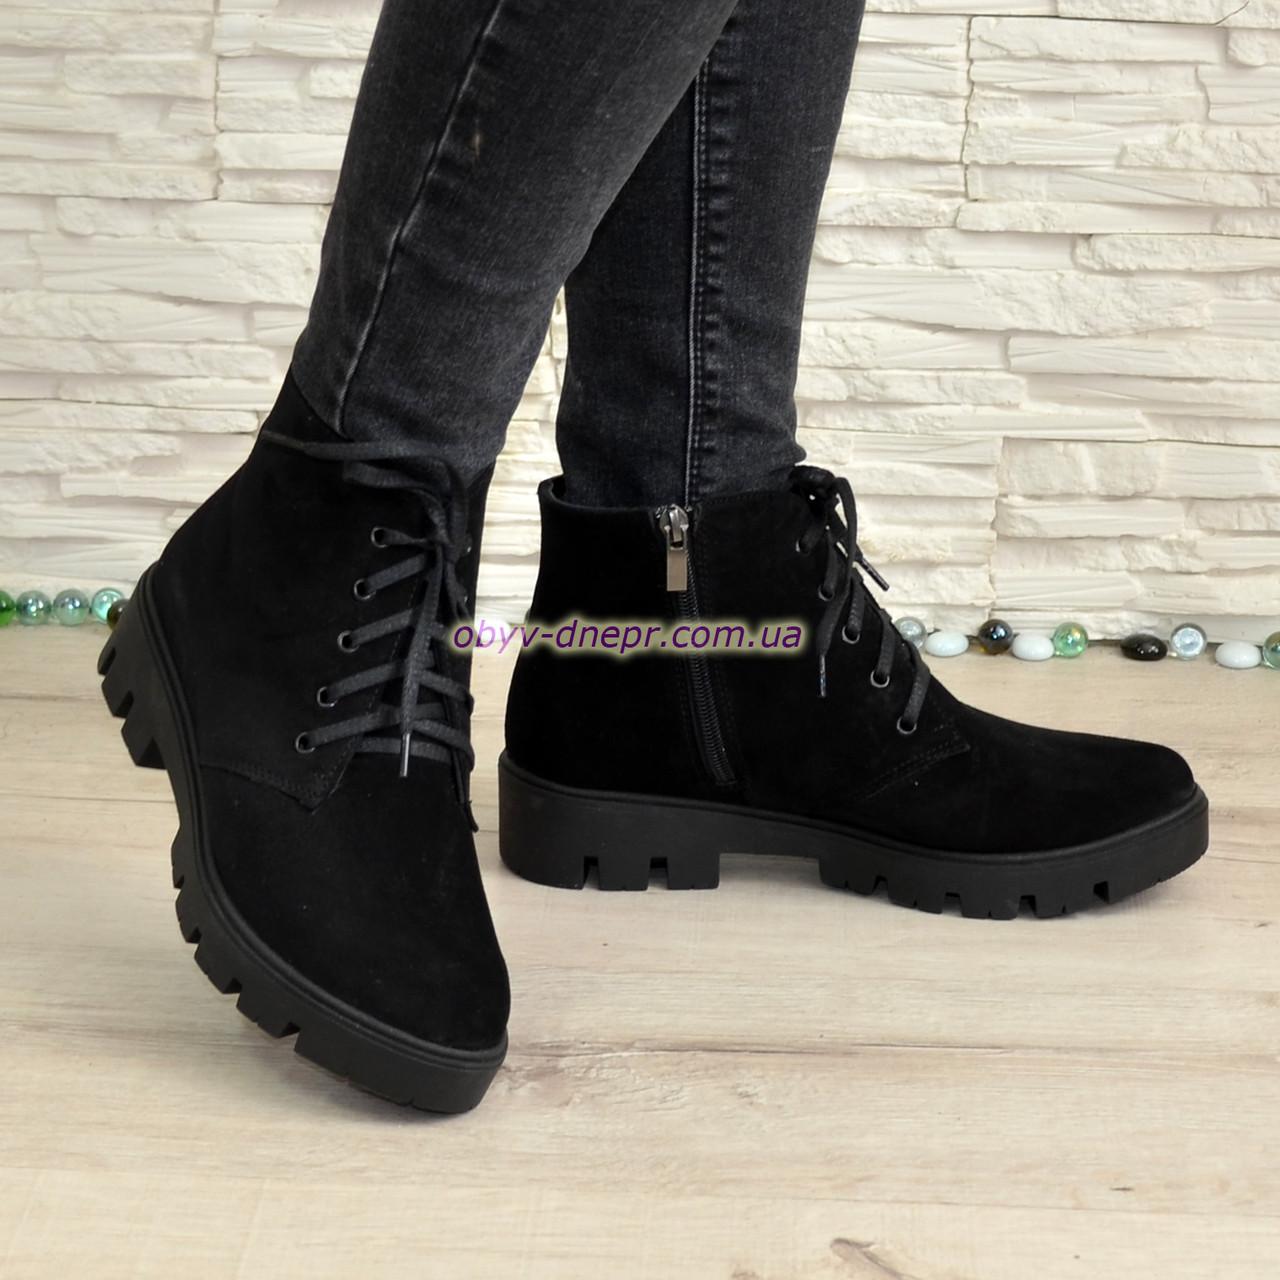 Ботинки зимние женские замшевые на шнуровке, утолщенная подошва